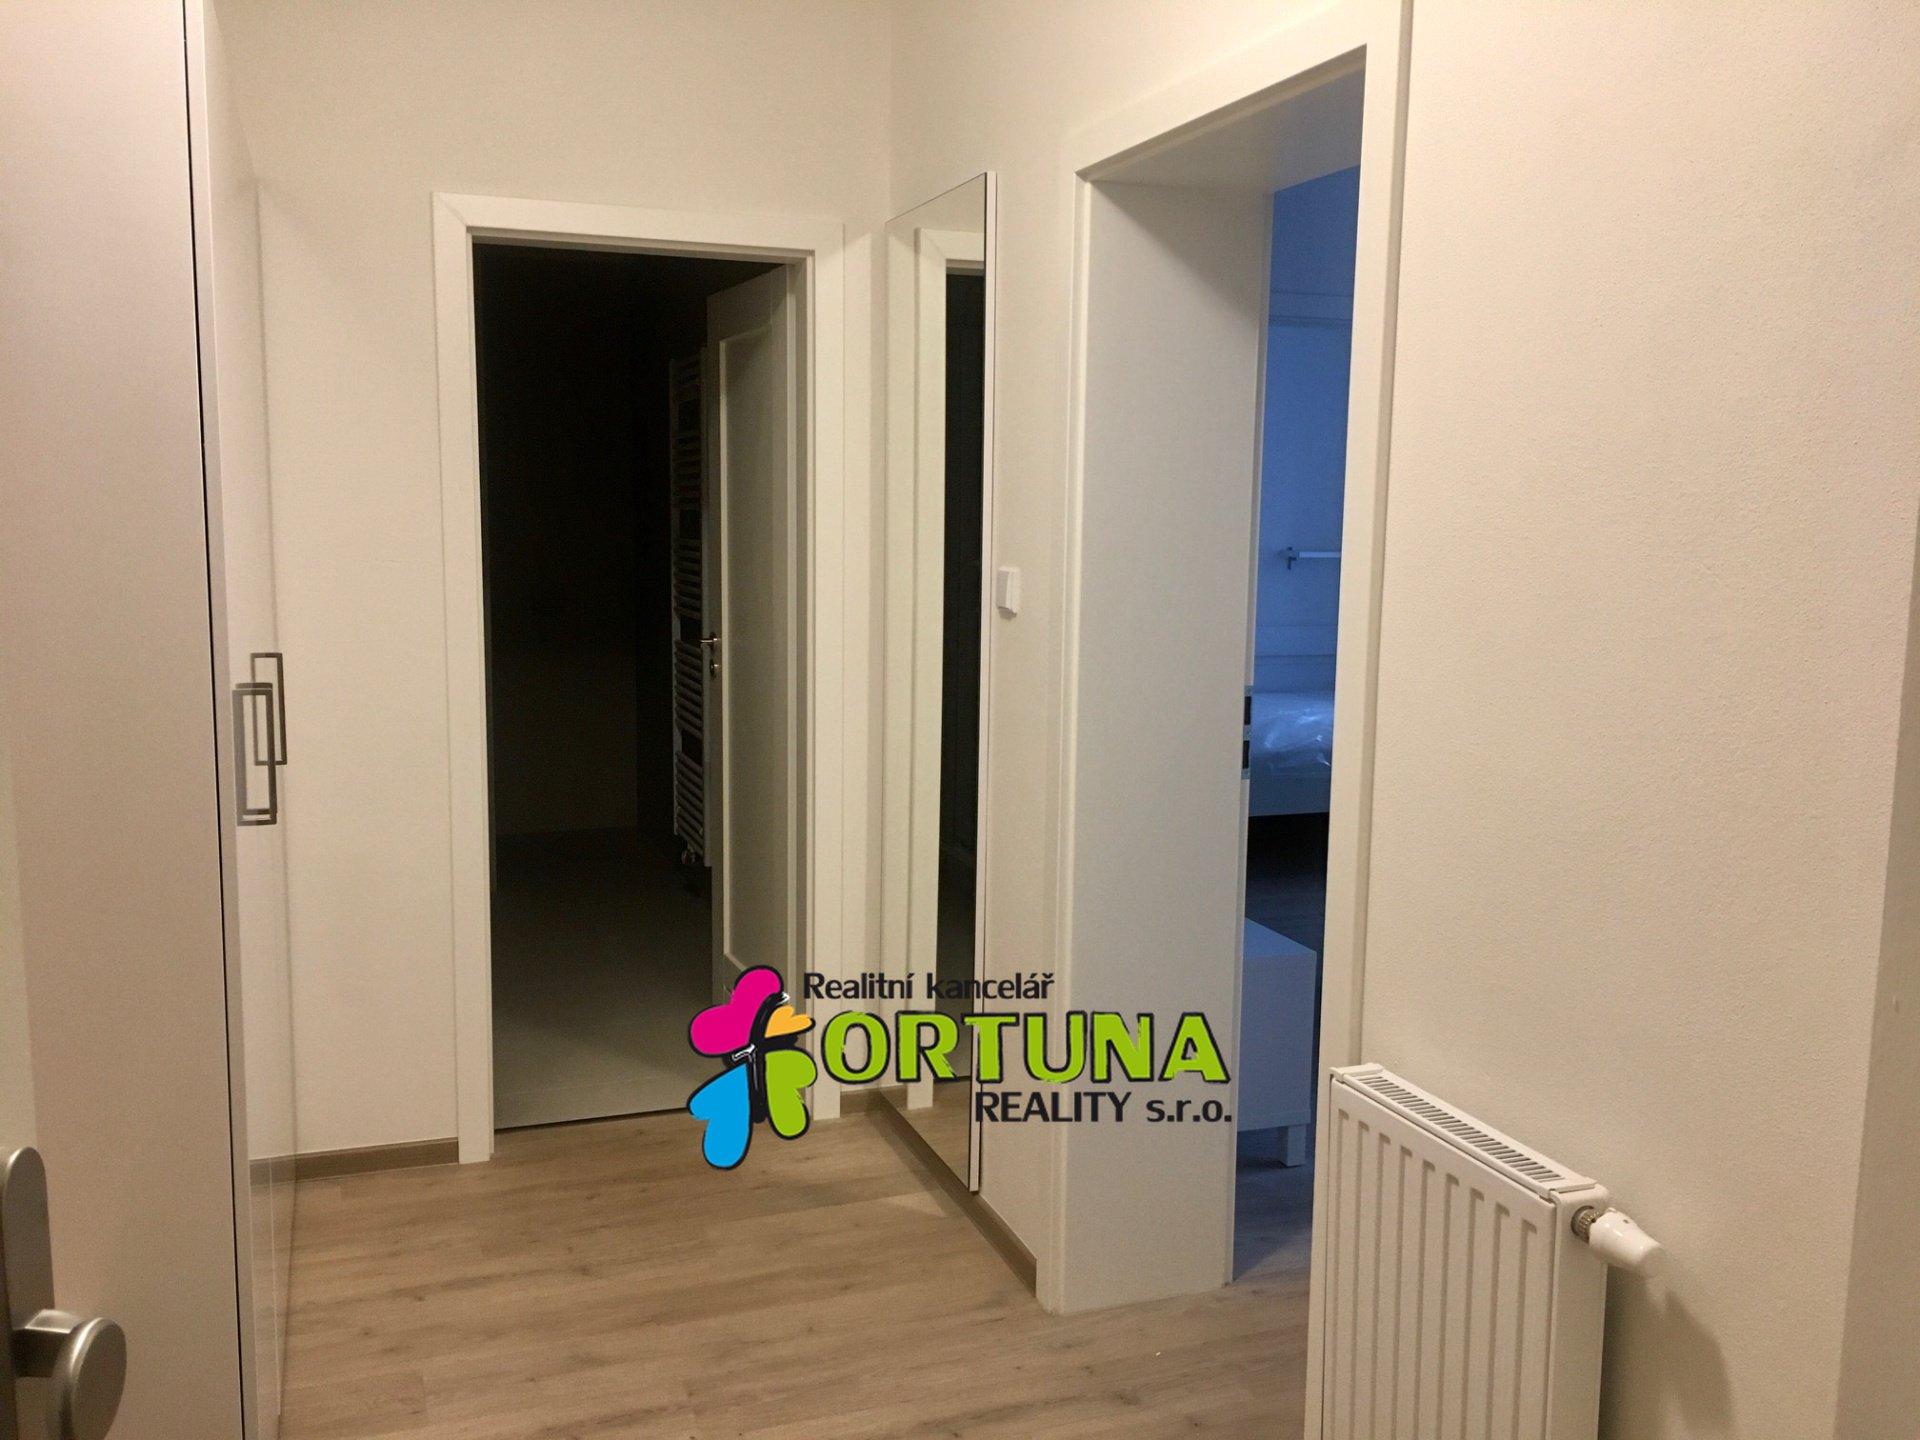 Pronájem zařízeného bytu 2+kk, ul. K. Weise, České Budějovice